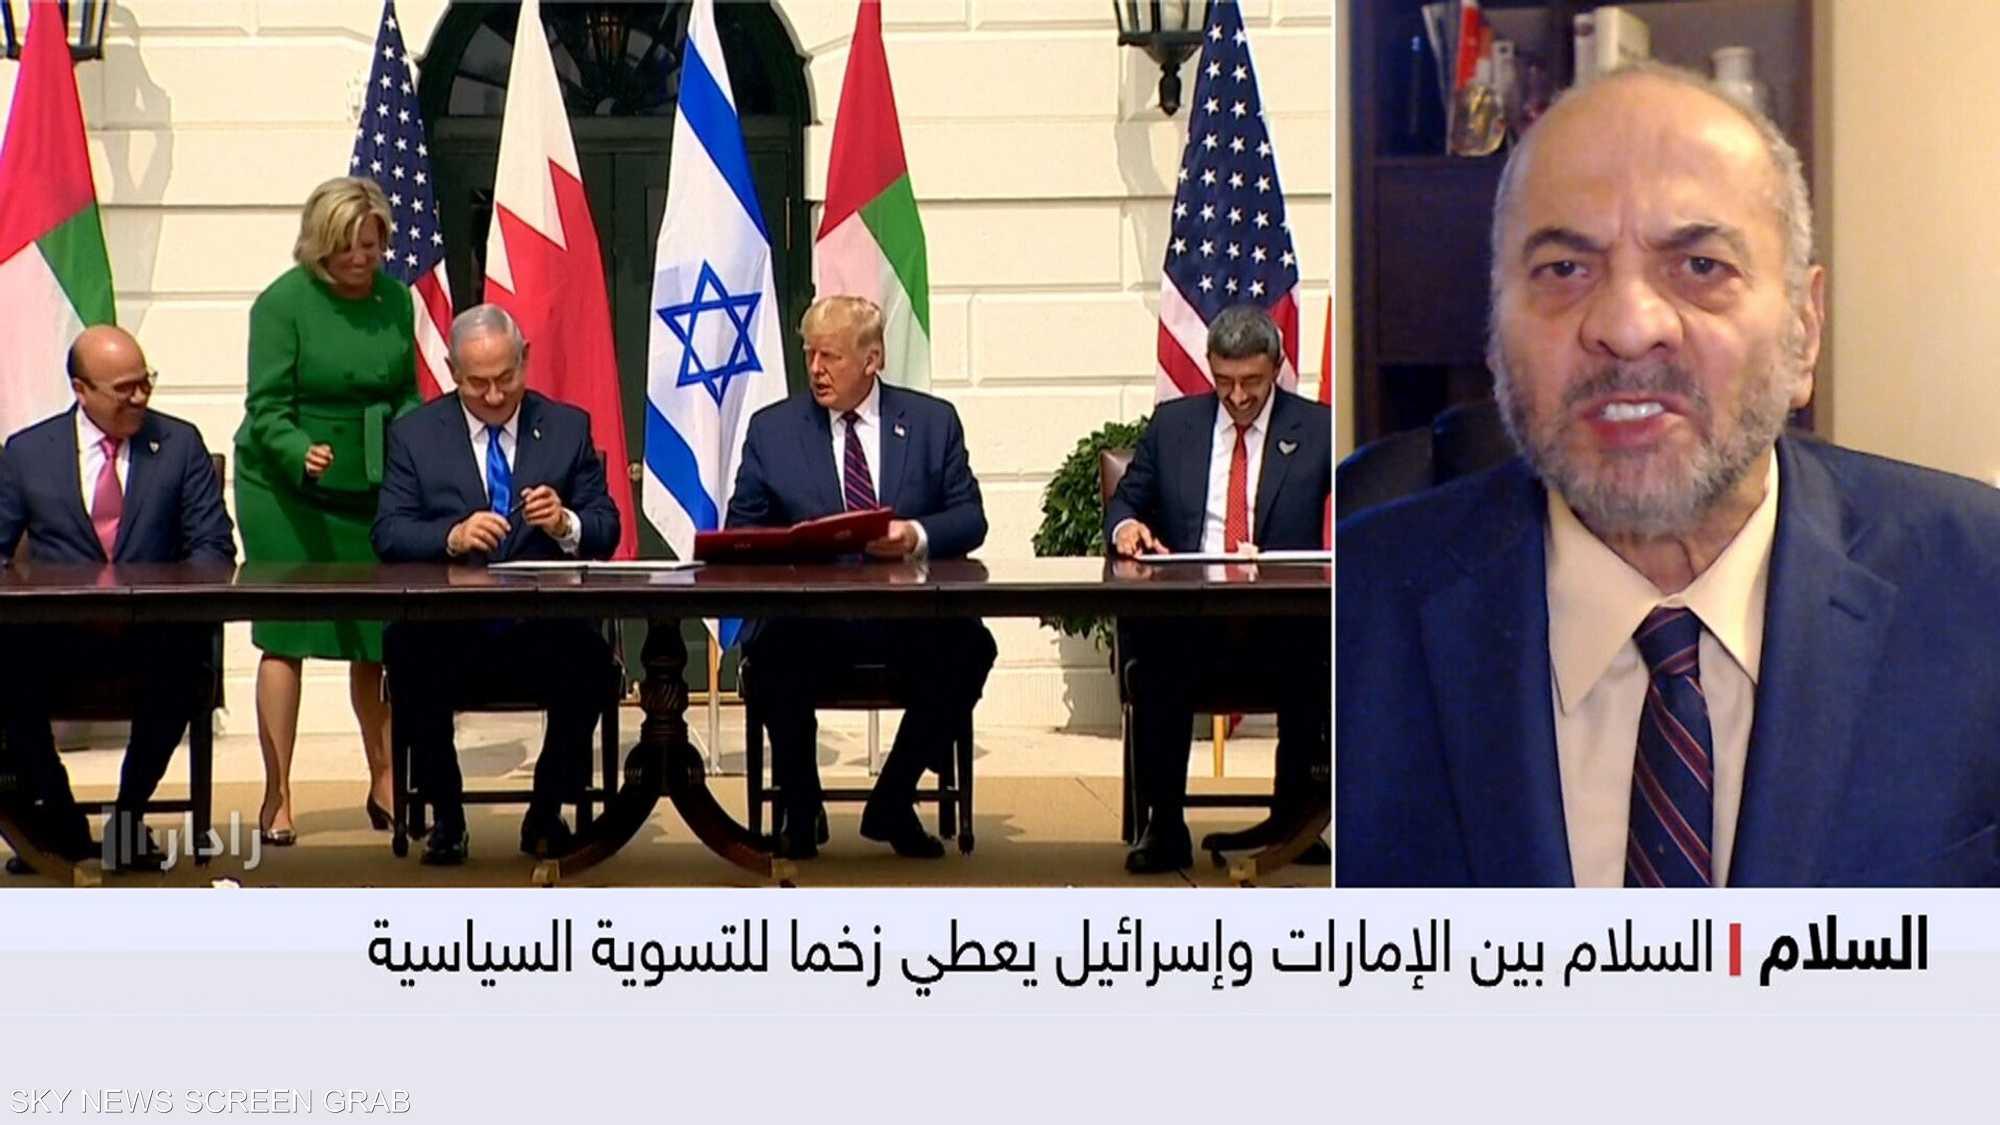 السلام بين الإمارات وإسرائيل يعطي زخما للتسوية السياسية